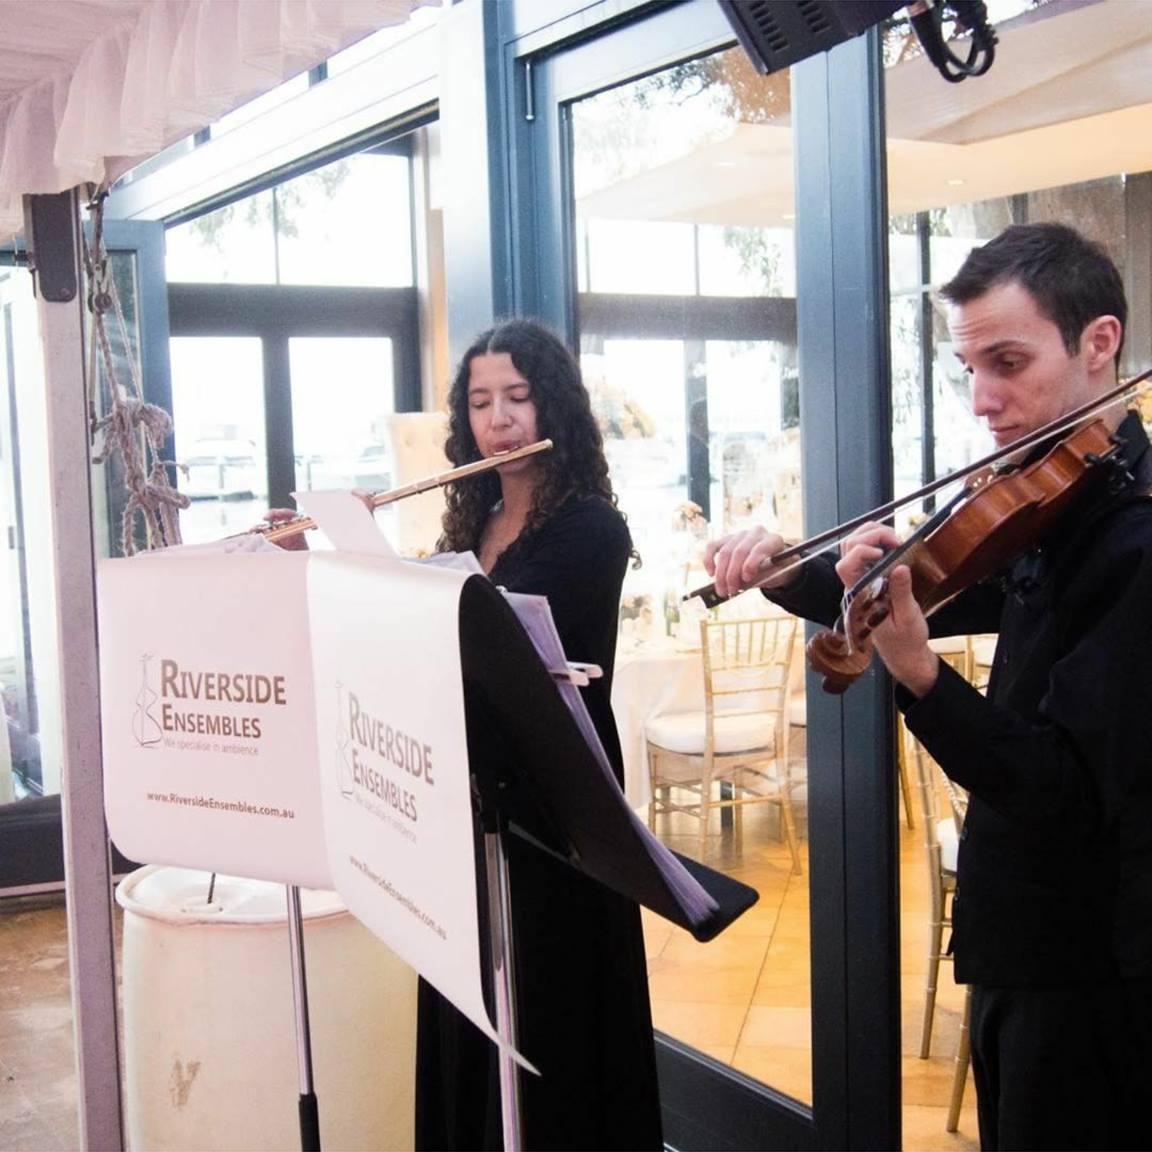 perth-function-string-music-hire-wedding-riverside-musiciansperth-function-string-music-hire-wedding-riverside-musicians-classical-contemporary-flute-trio-violin-cello